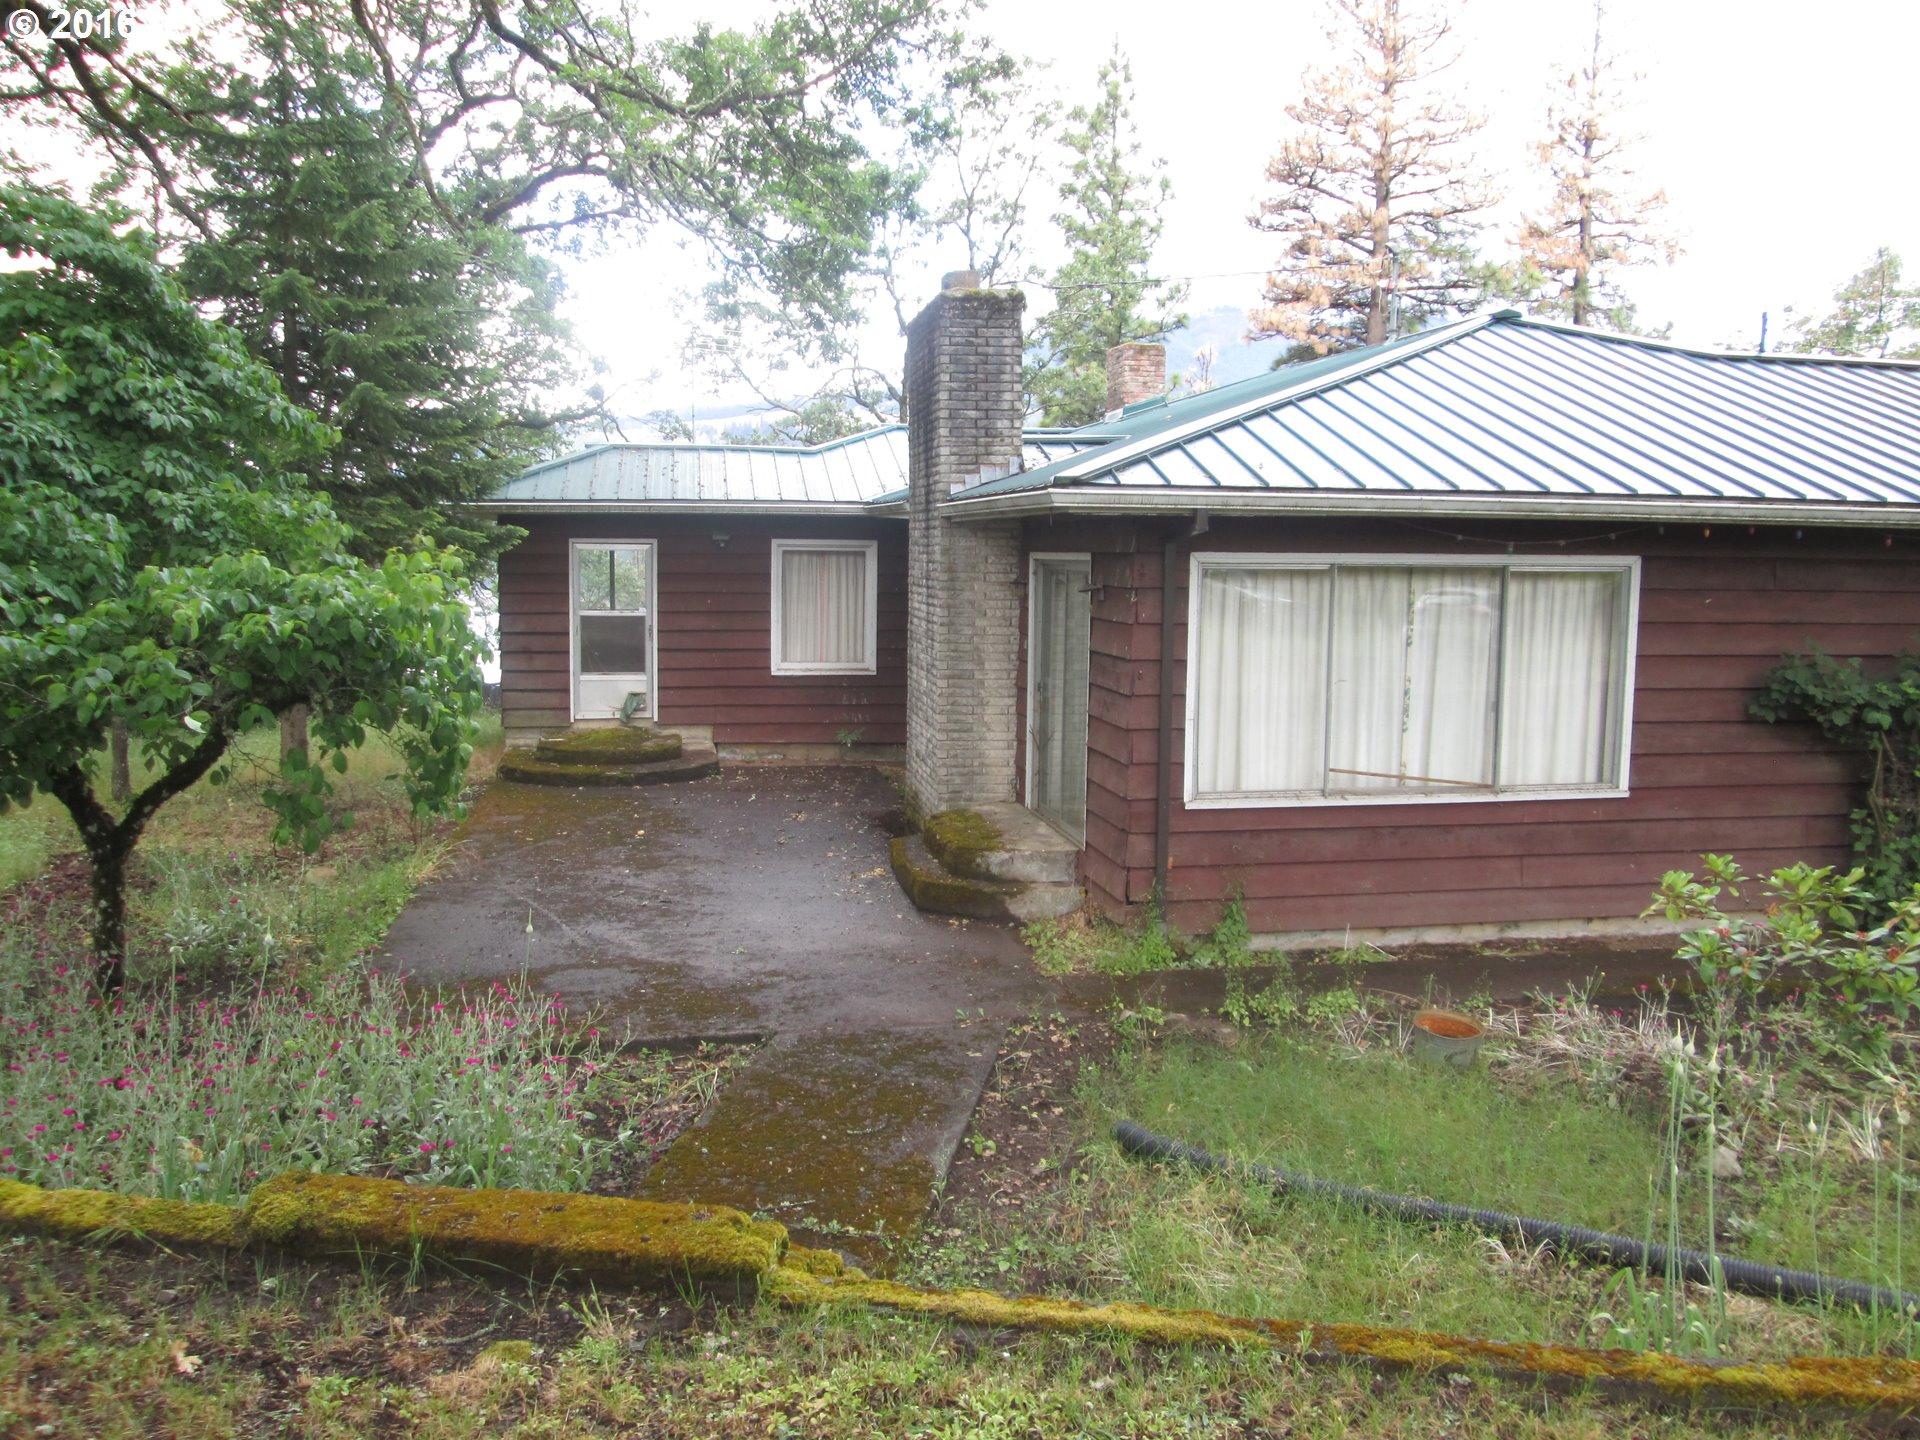 492 SW EYRIE RD, White Salmon, WA 98672